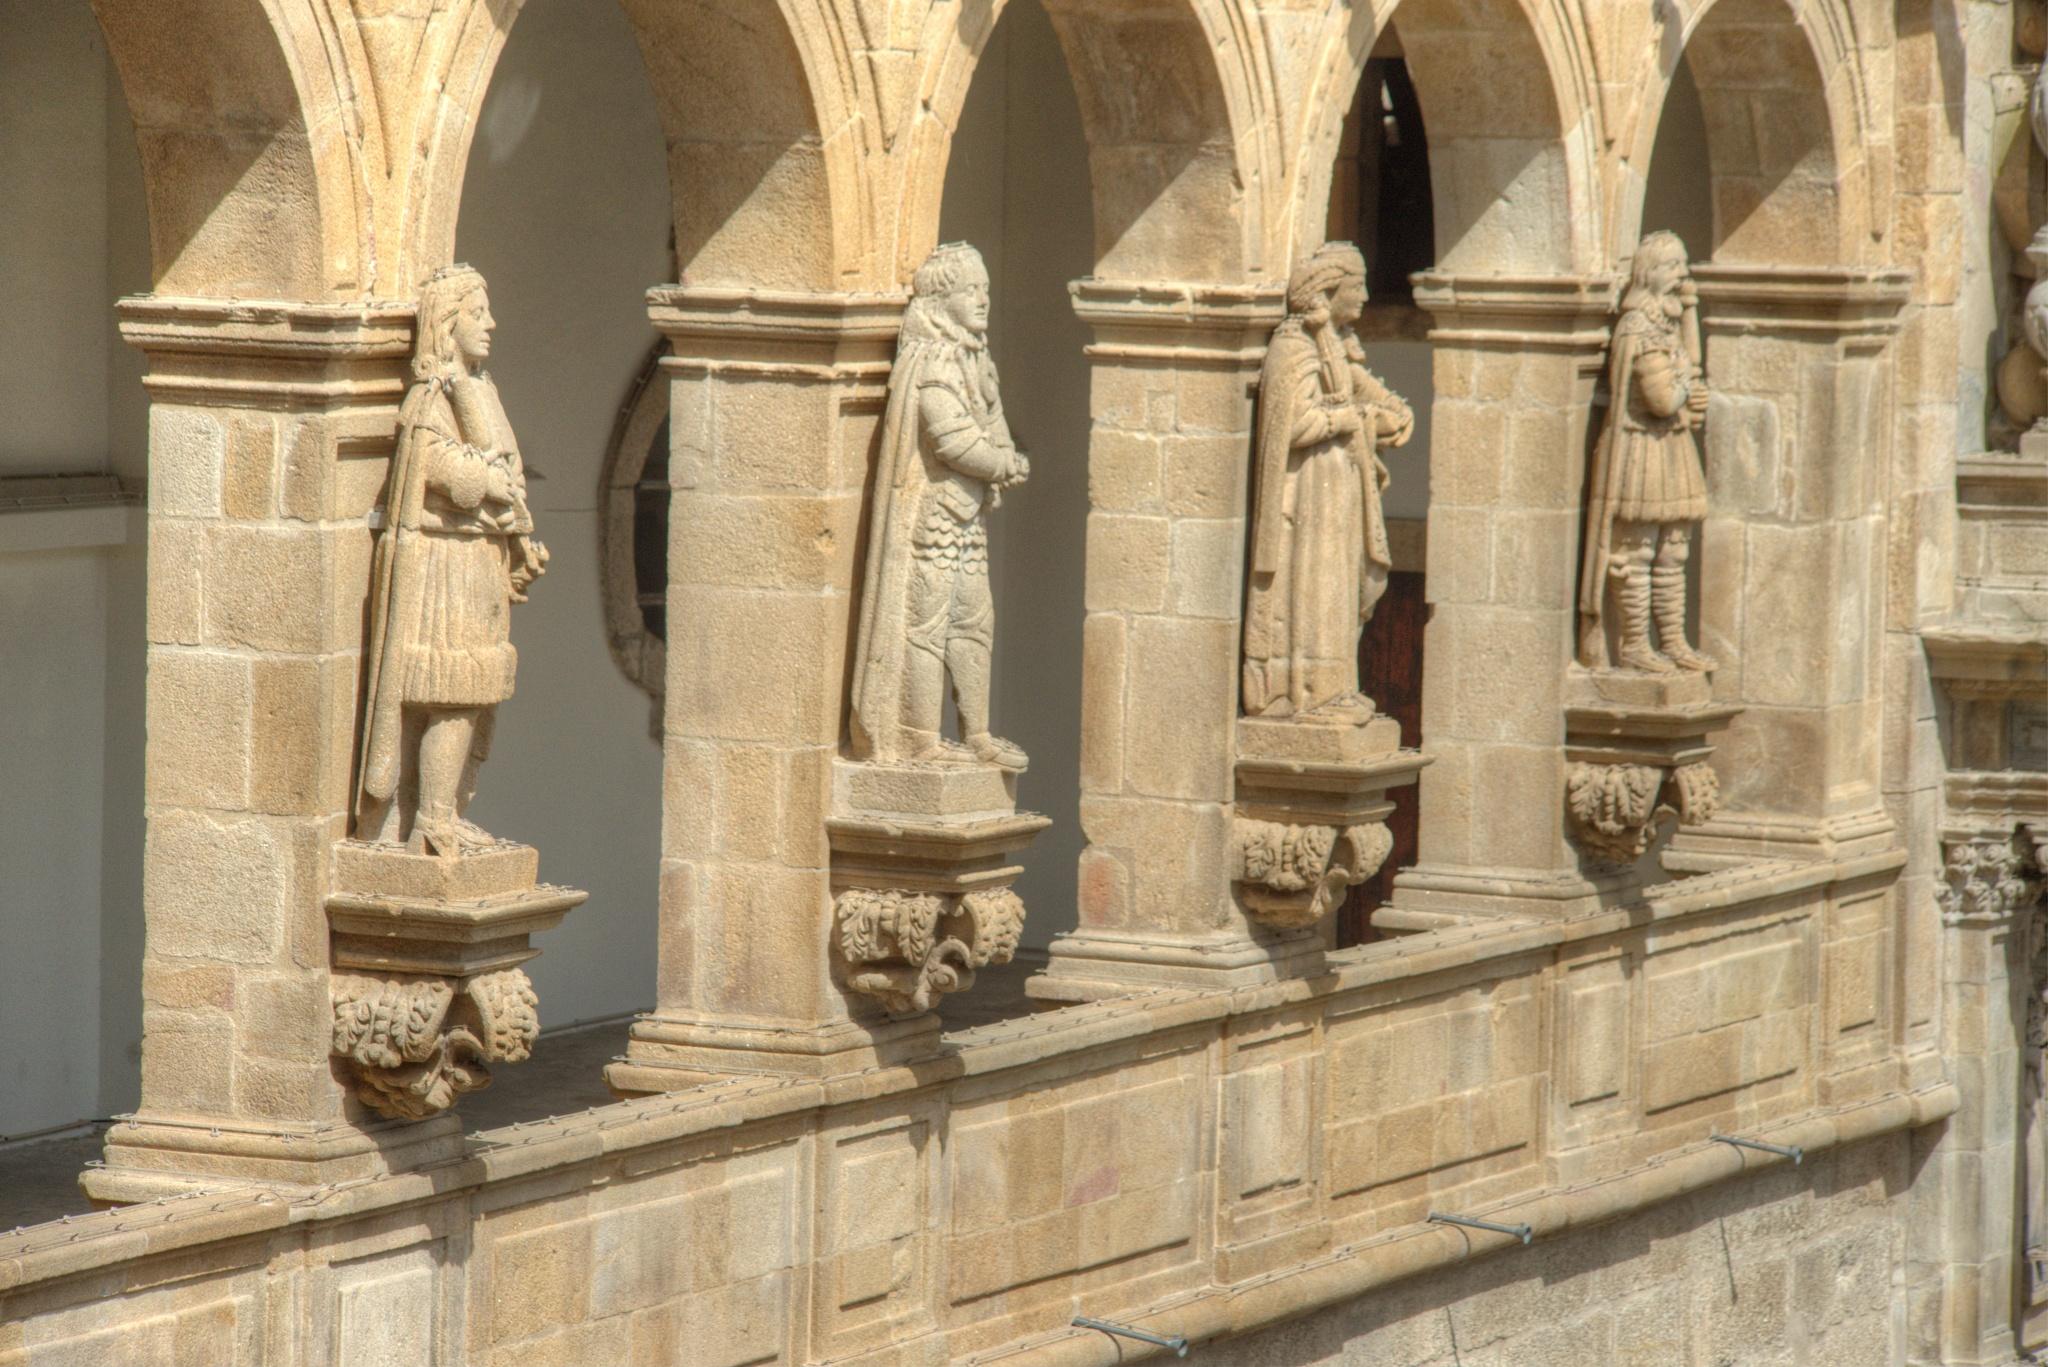 Les statuts montent la garde à Amarante by bernardf142